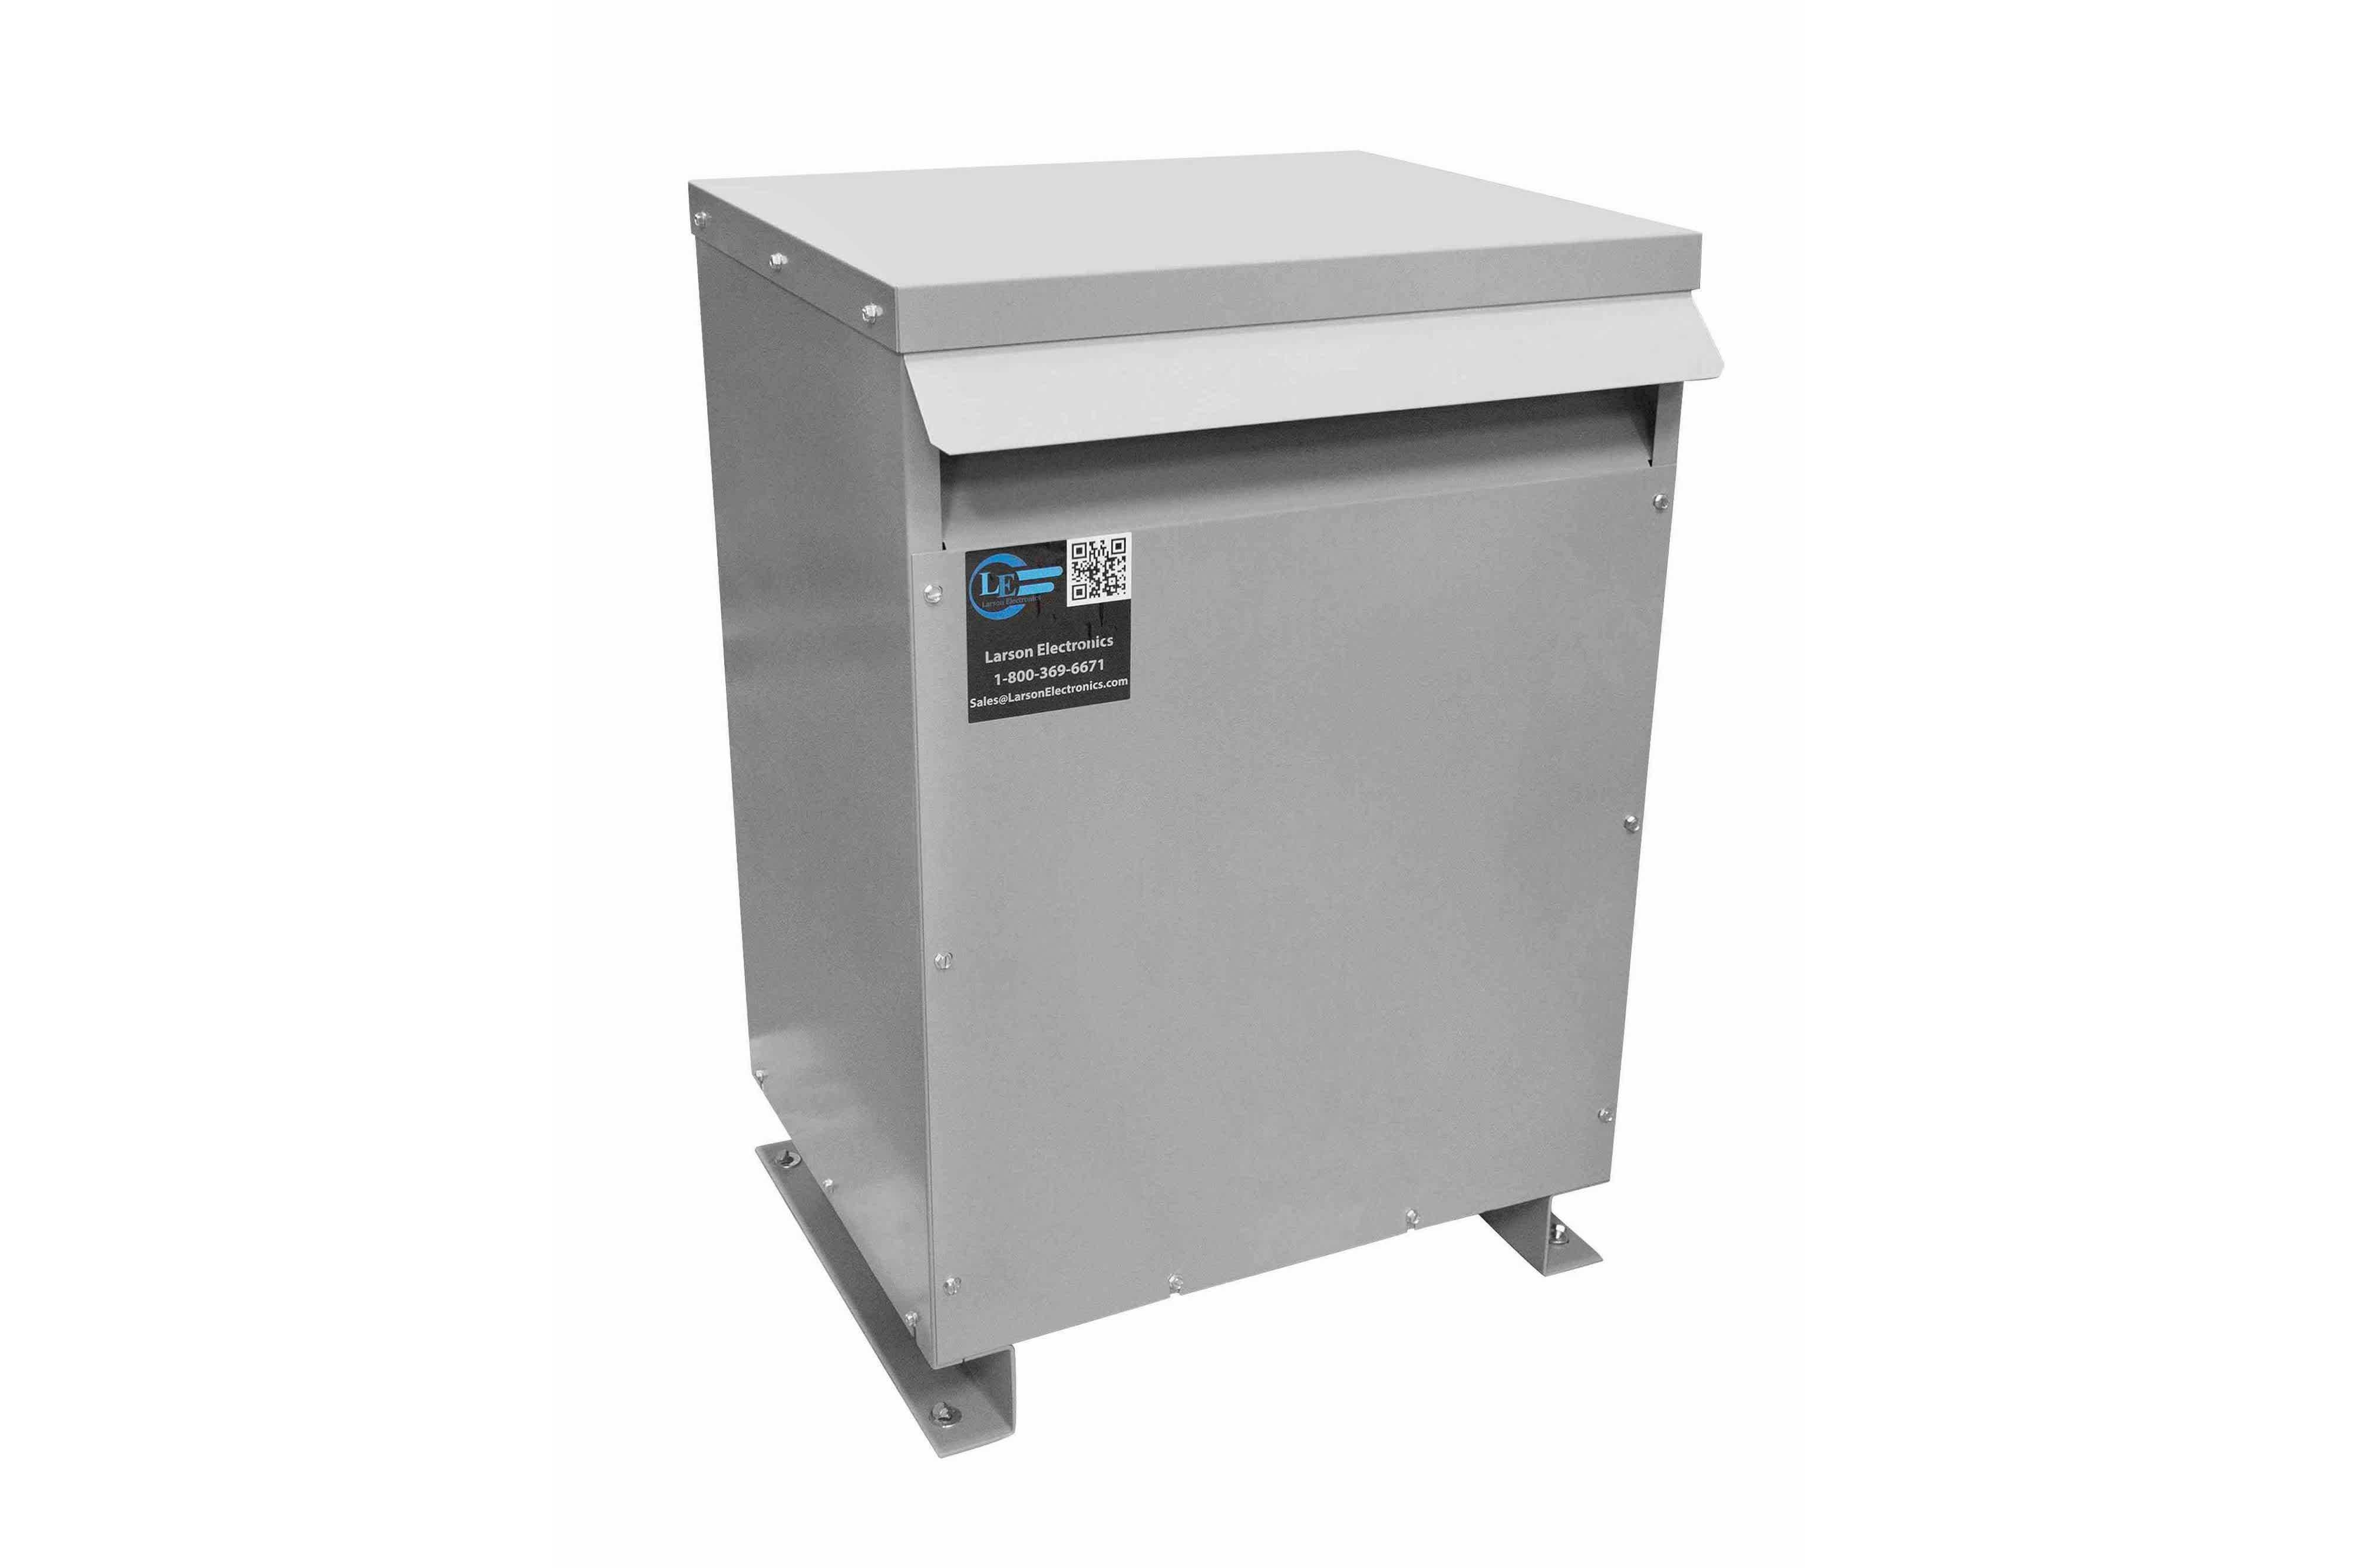 29 kVA 3PH Isolation Transformer, 480V Delta Primary, 400V Delta Secondary, N3R, Ventilated, 60 Hz